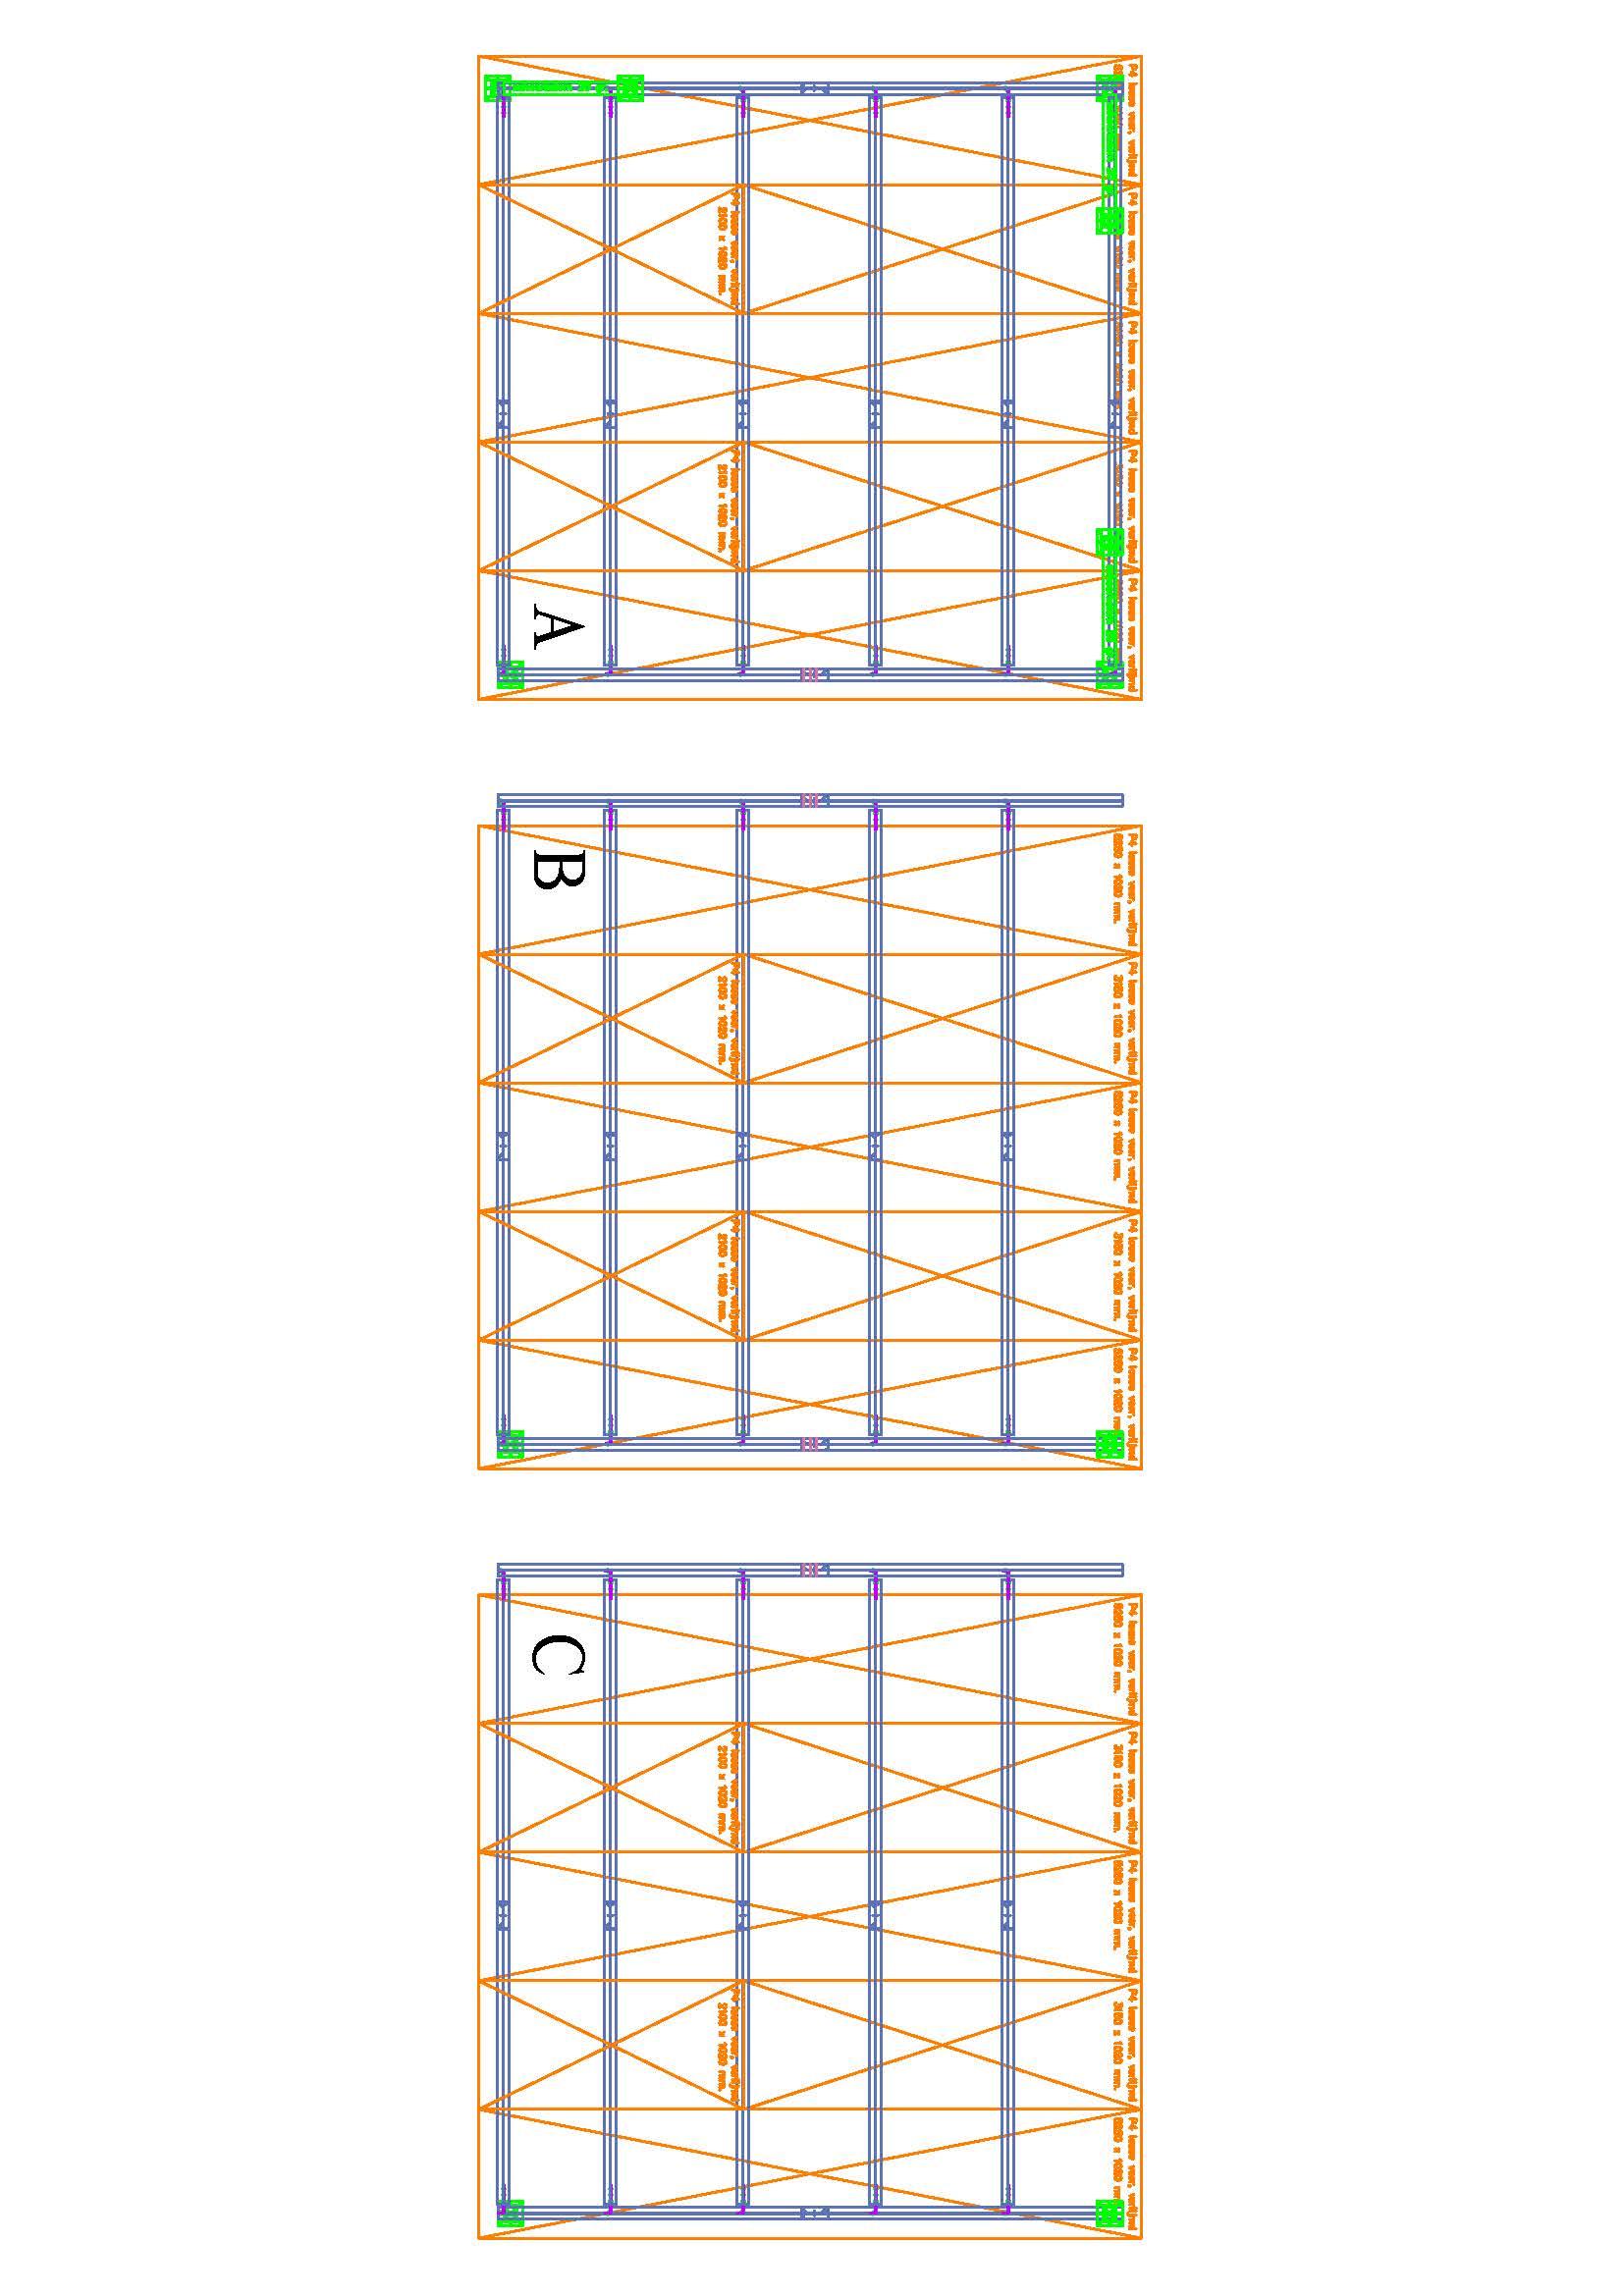 Goedkope-tussenverdieping-platform-magazijn-etagevloer-vlaanderen